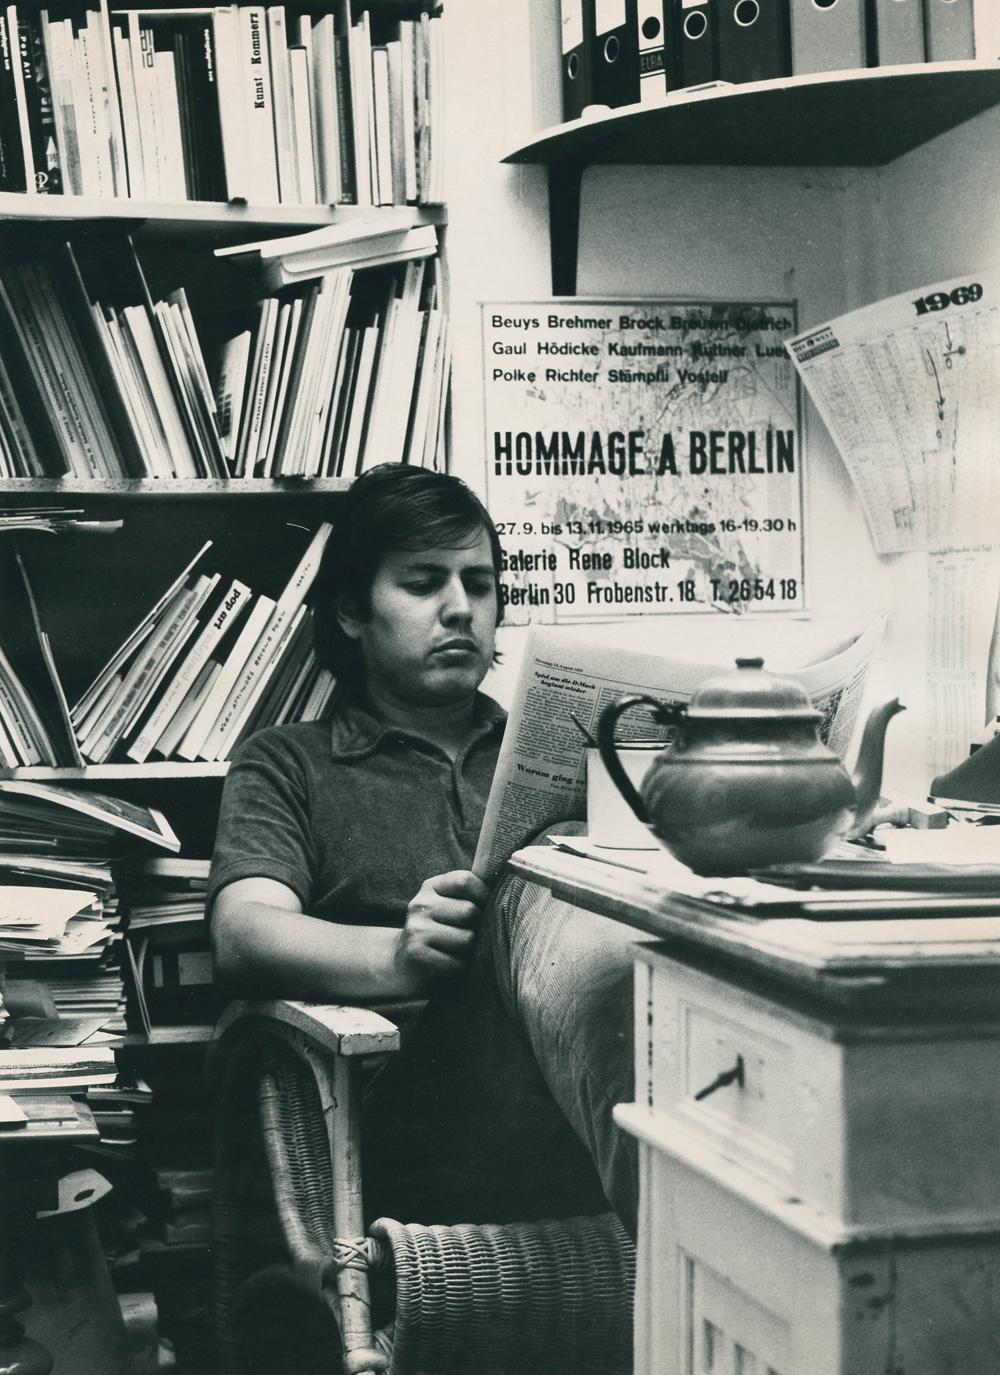 """Art Weekend Berlin: René Block im Büro seiner Galerie mit Plakat """"Hommage à Berlin"""", 1969, Foto: KP Brehmer / KP Brehmer Nachlass, Berlin"""